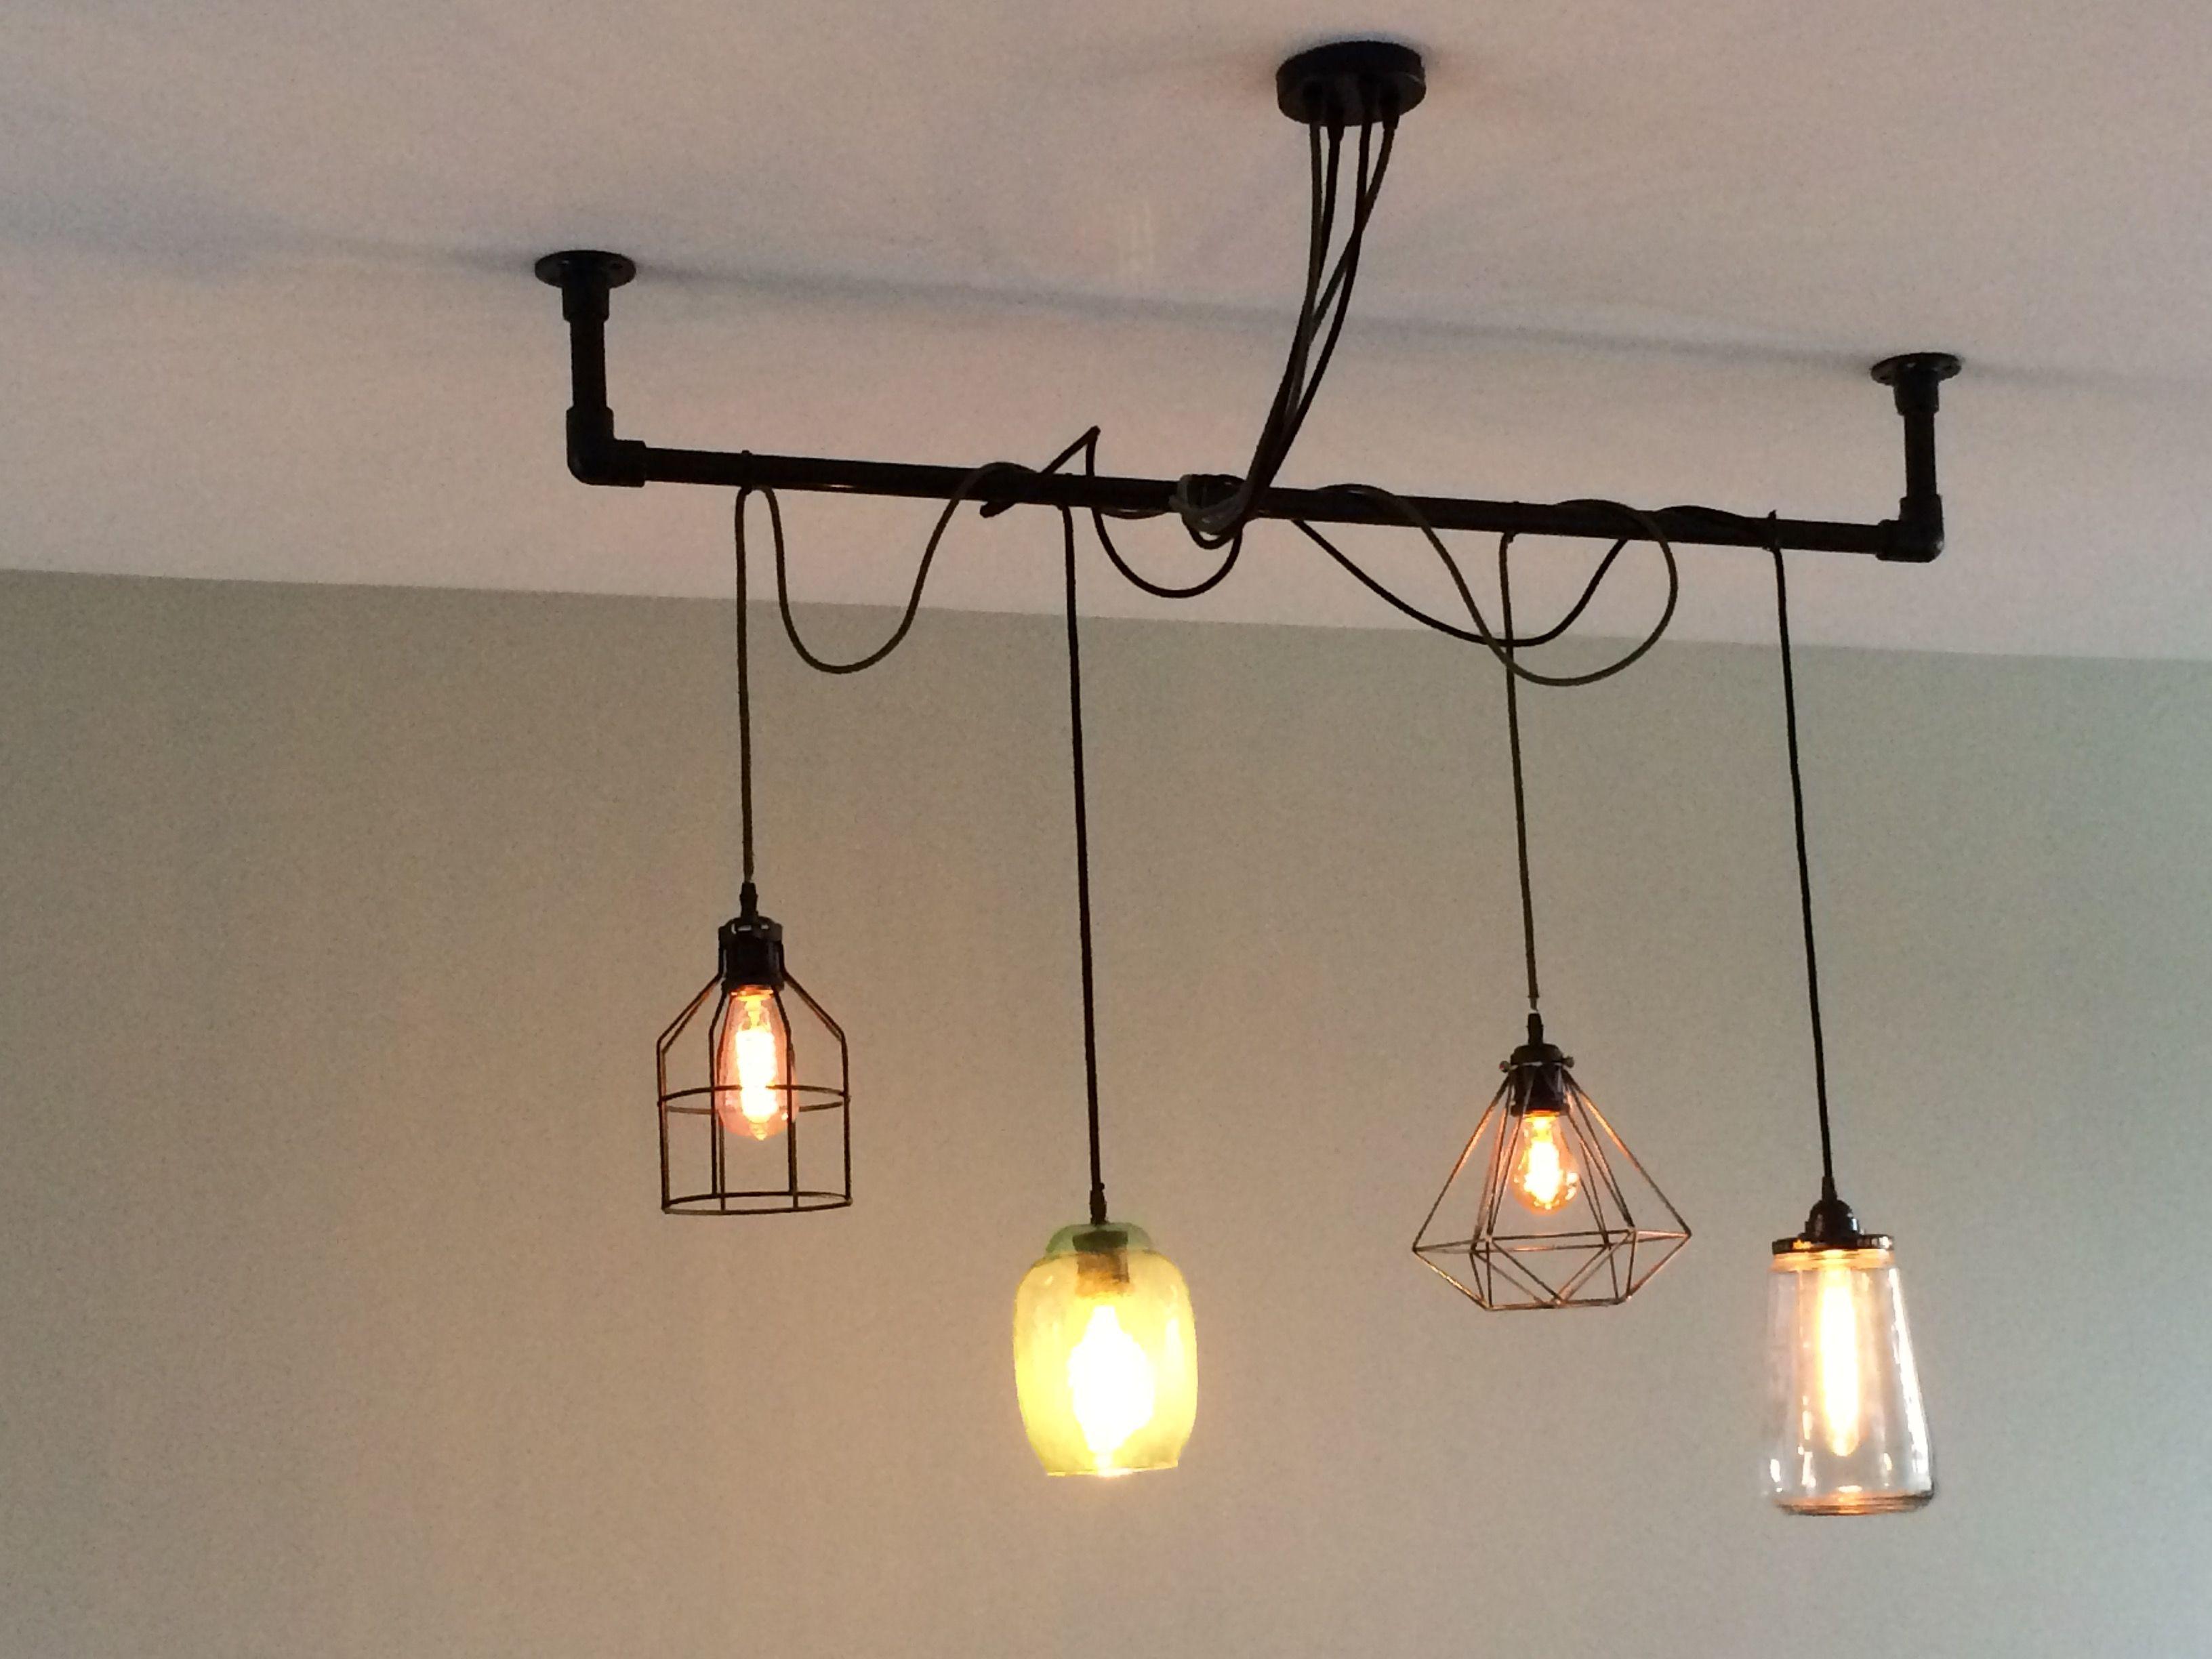 Zwarte steigerbuizen lamp ophanging  Steigerbuis